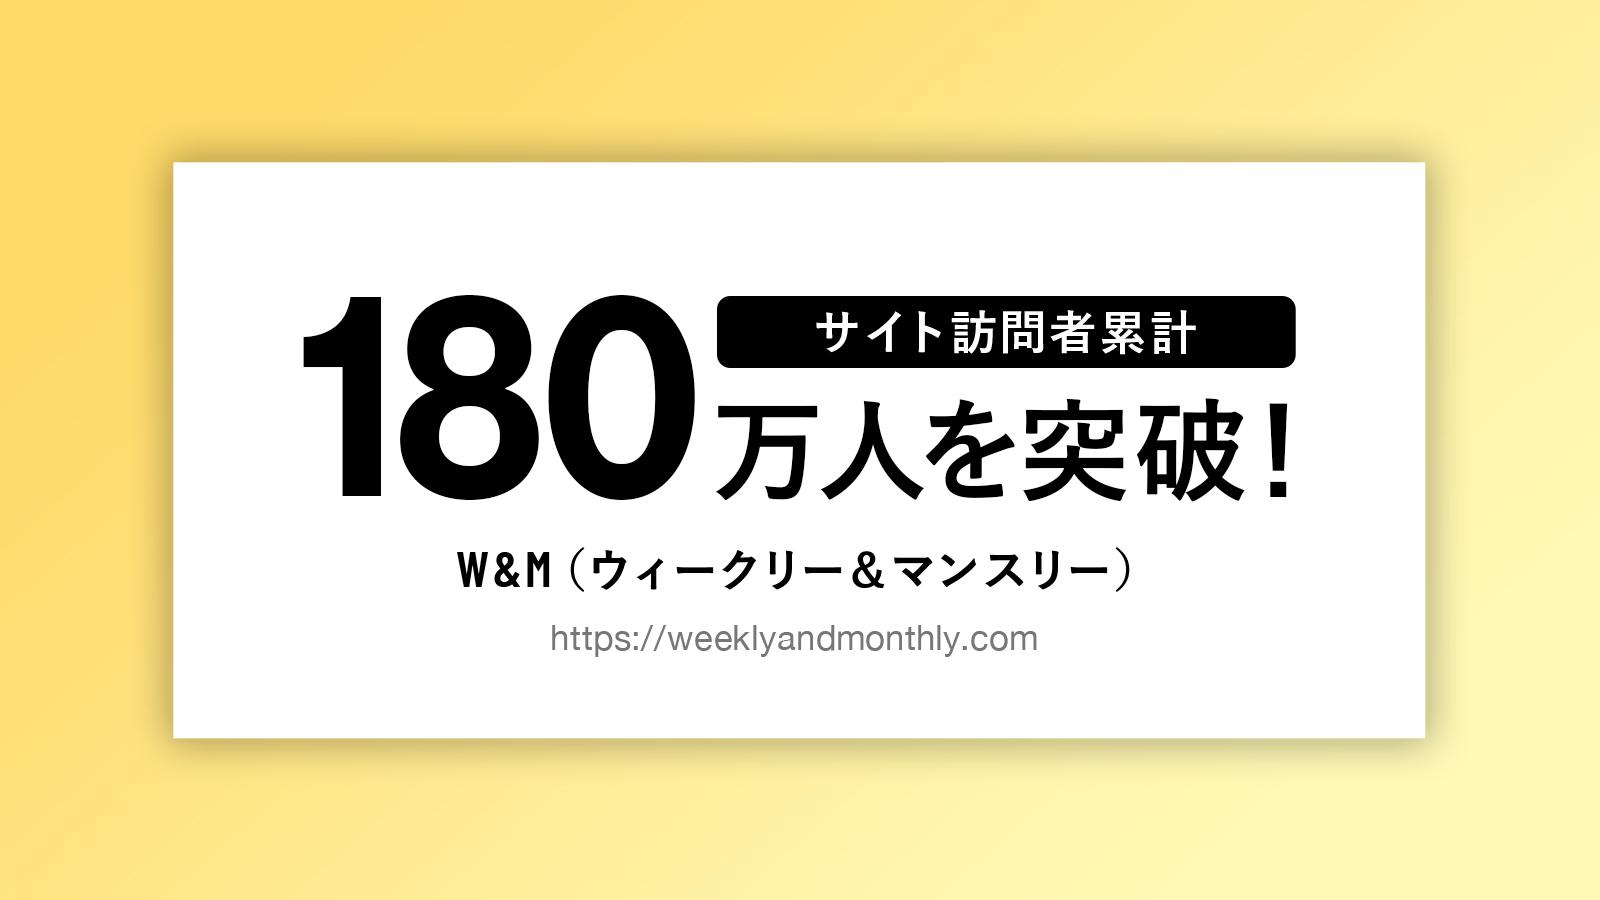 【PR】W&M(ウィークリー &マンスリー) サイト訪問者累計180万人を突破!